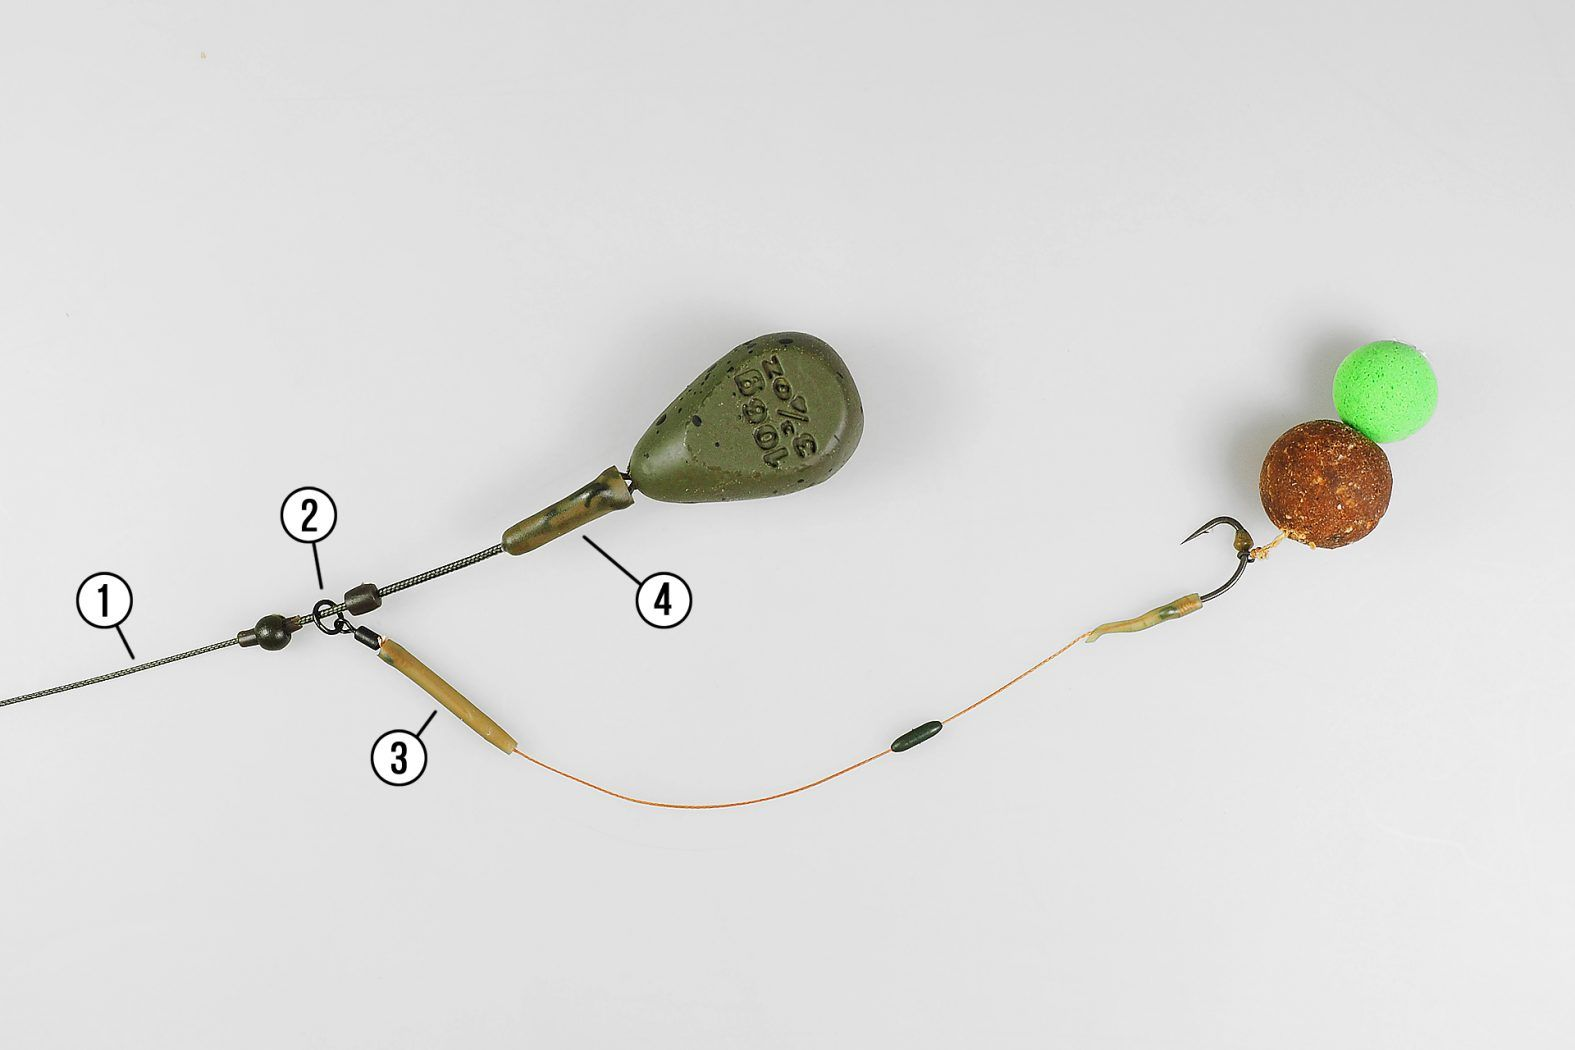 10x Karpfen Heli Beads Zum Selbst Binden Für Chod Rigs Und Helikopter Rig Fishing Equipment